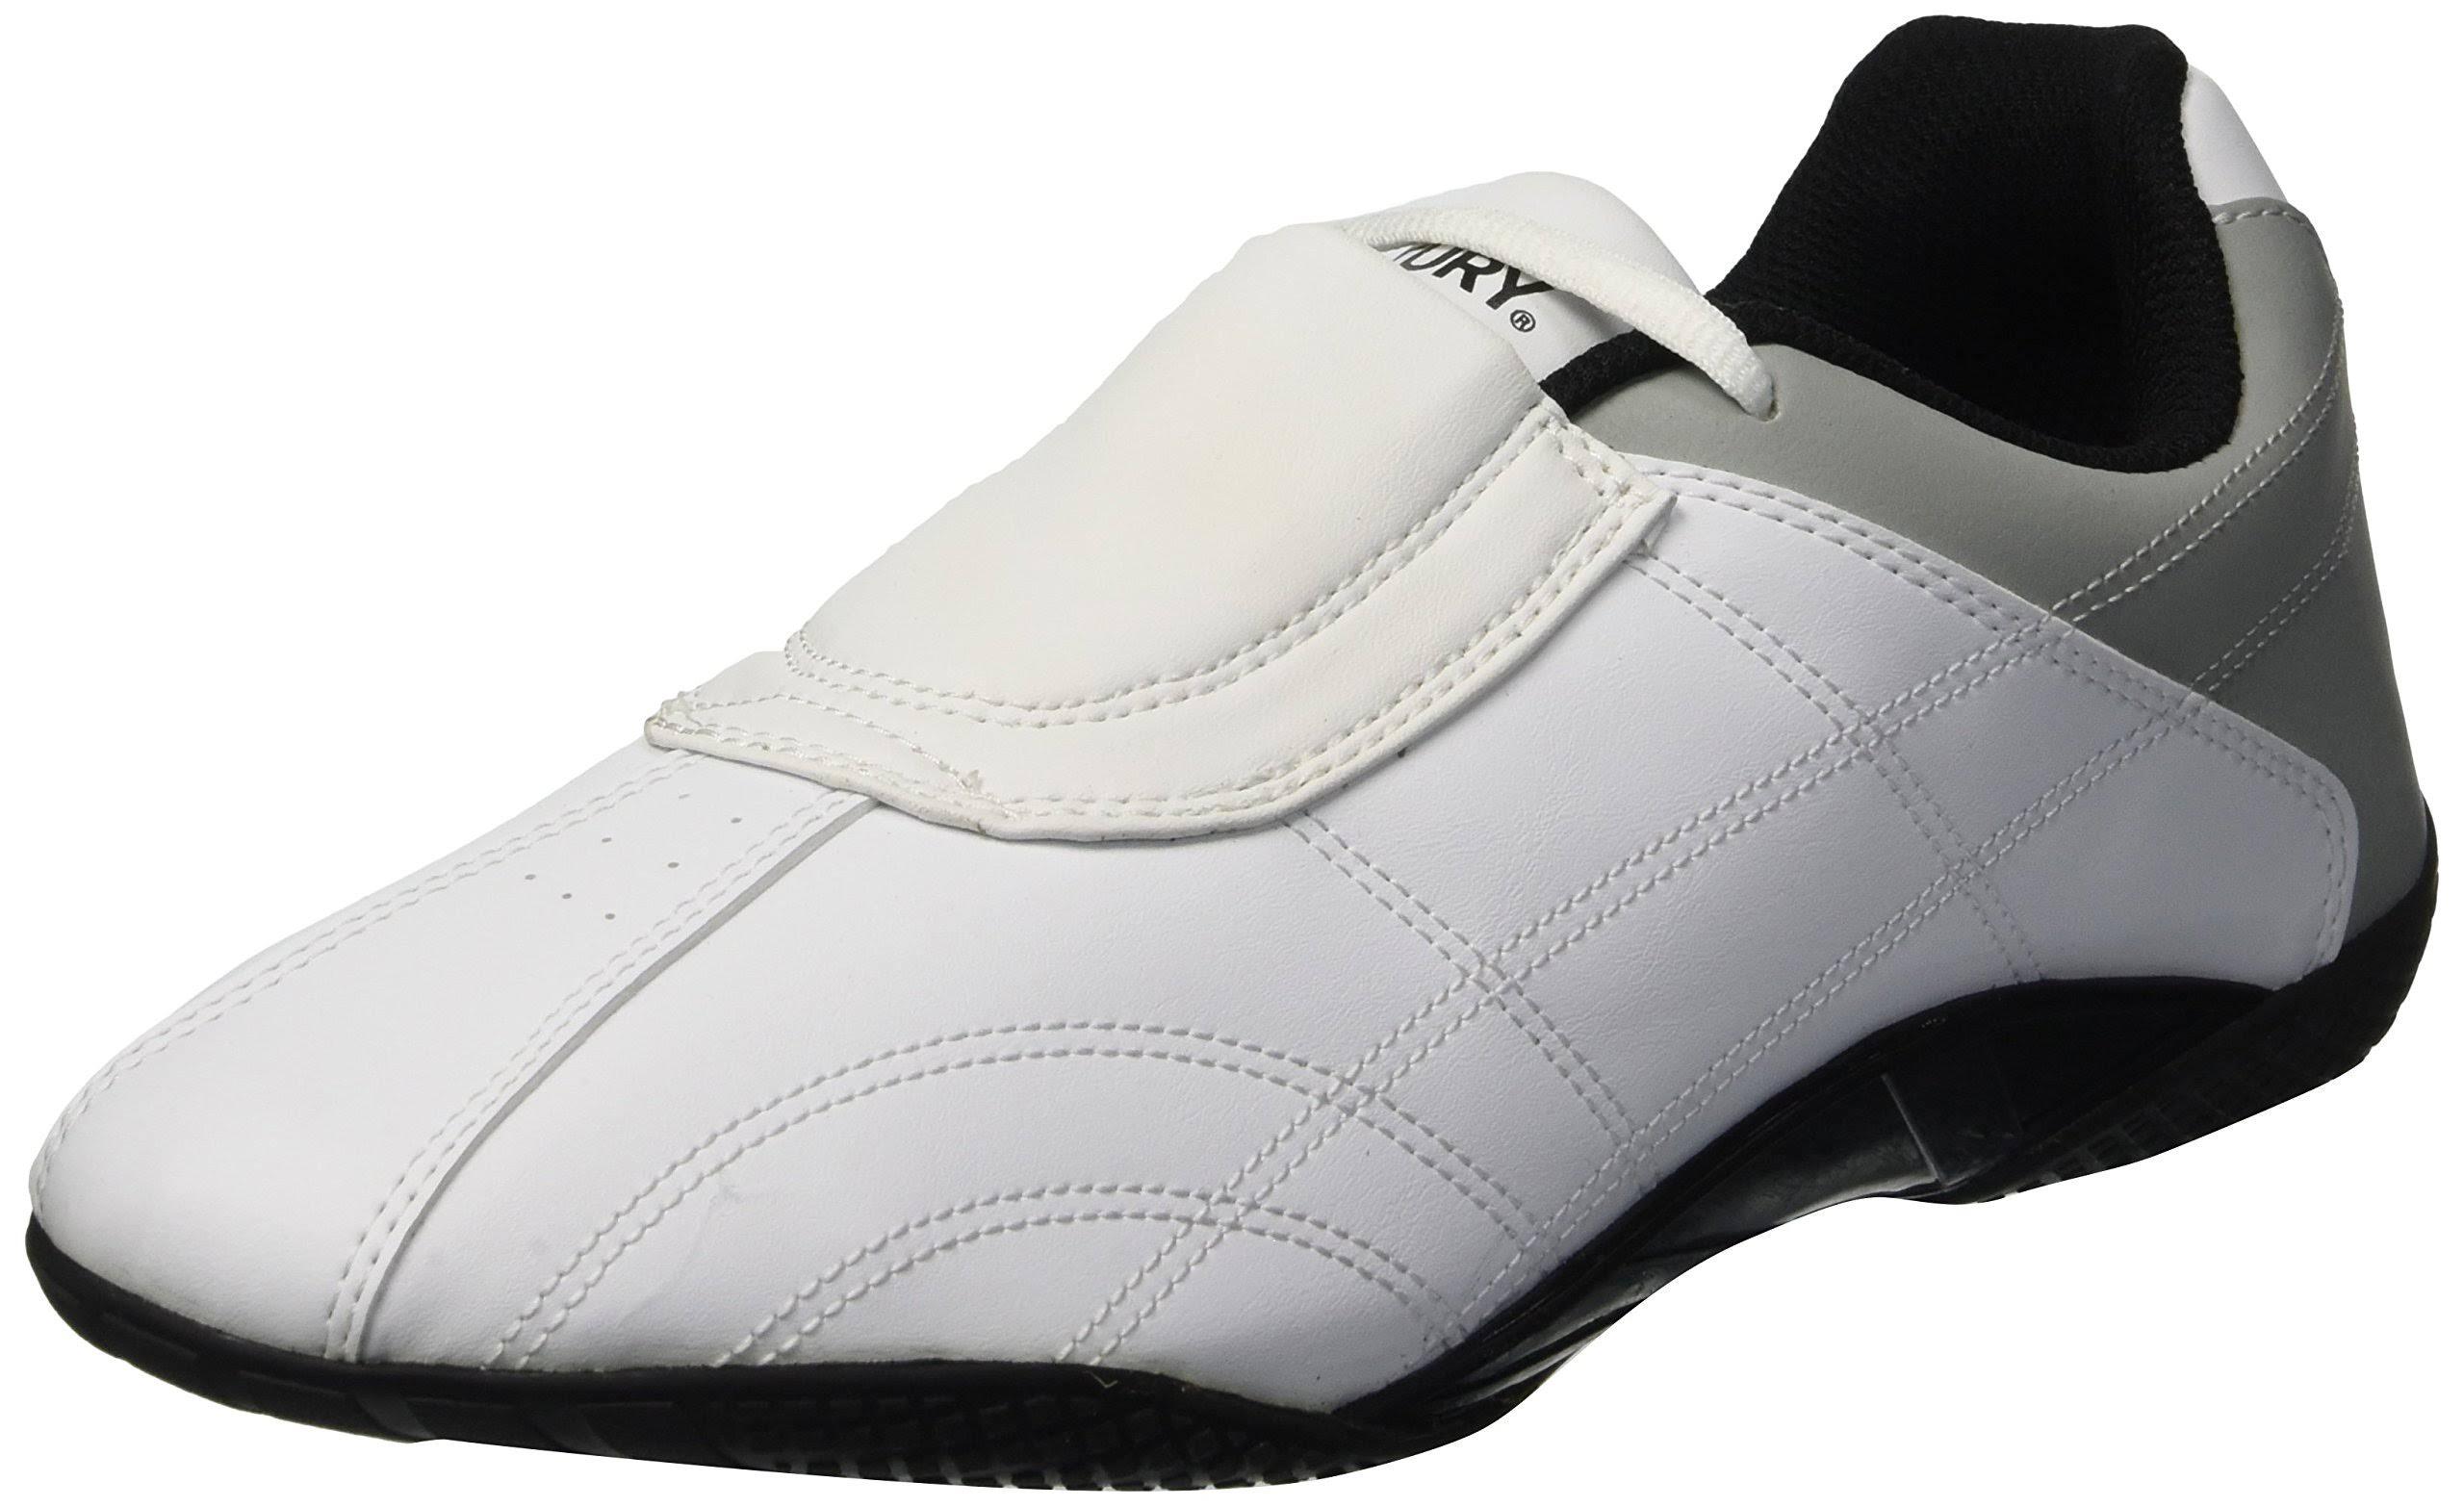 Zapato 5 8 100085 Marciales De Lightfoot Blanco Century Tamaño 070300 Artes rUrBTcqwC